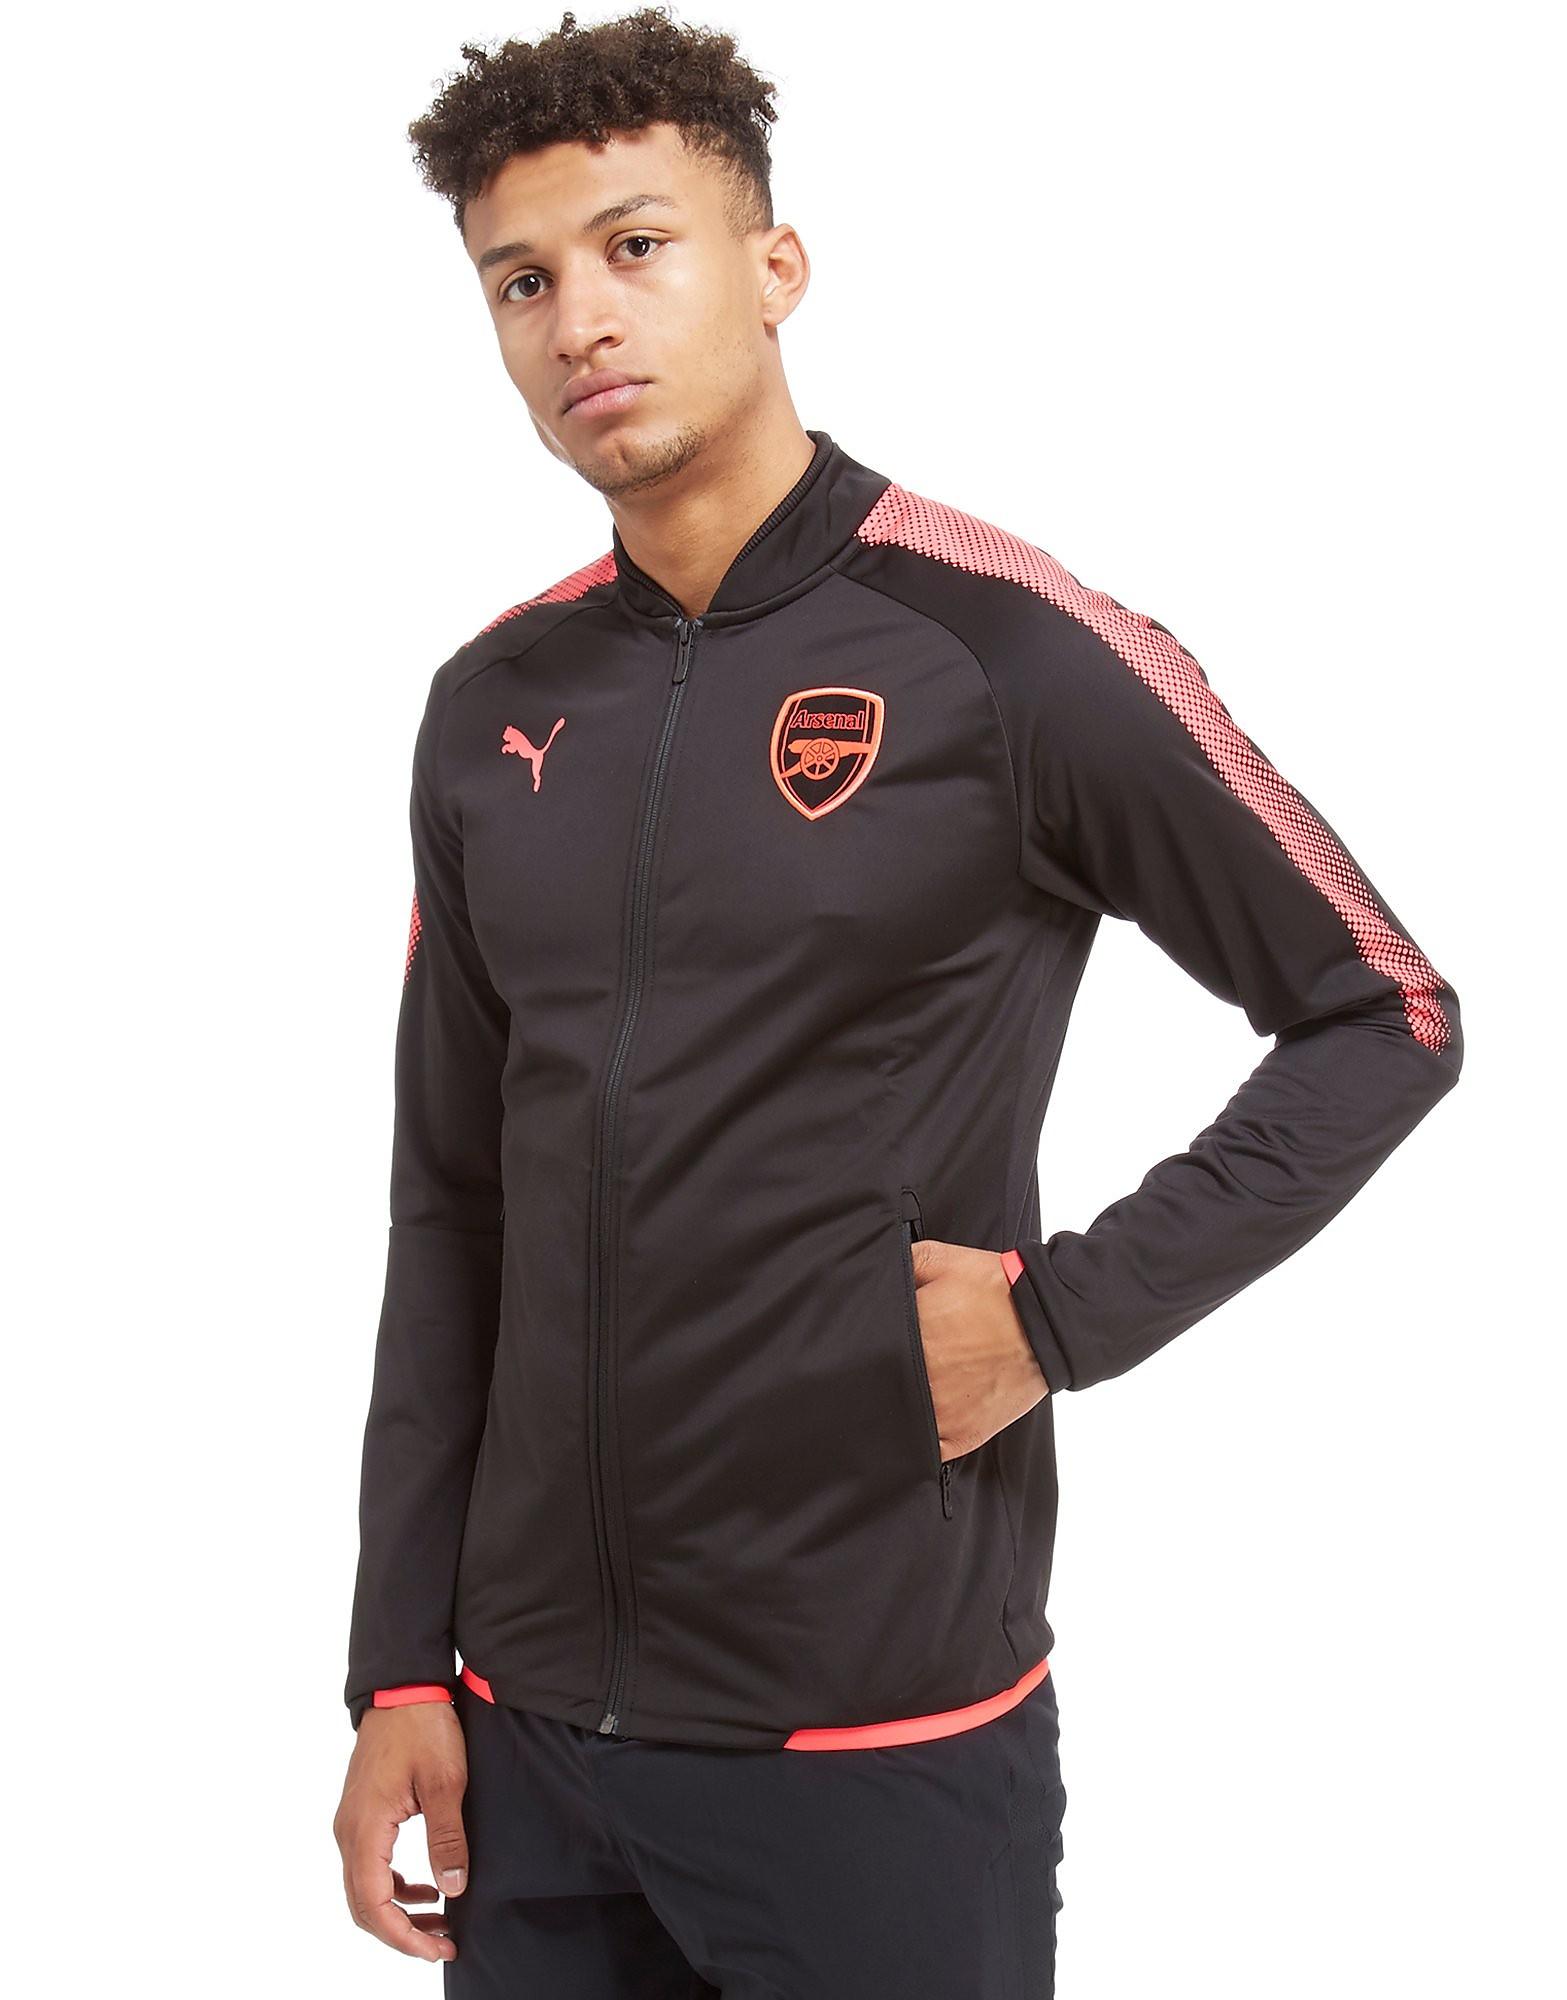 PUMA Arsenal FC 2017 Stadium Jacket